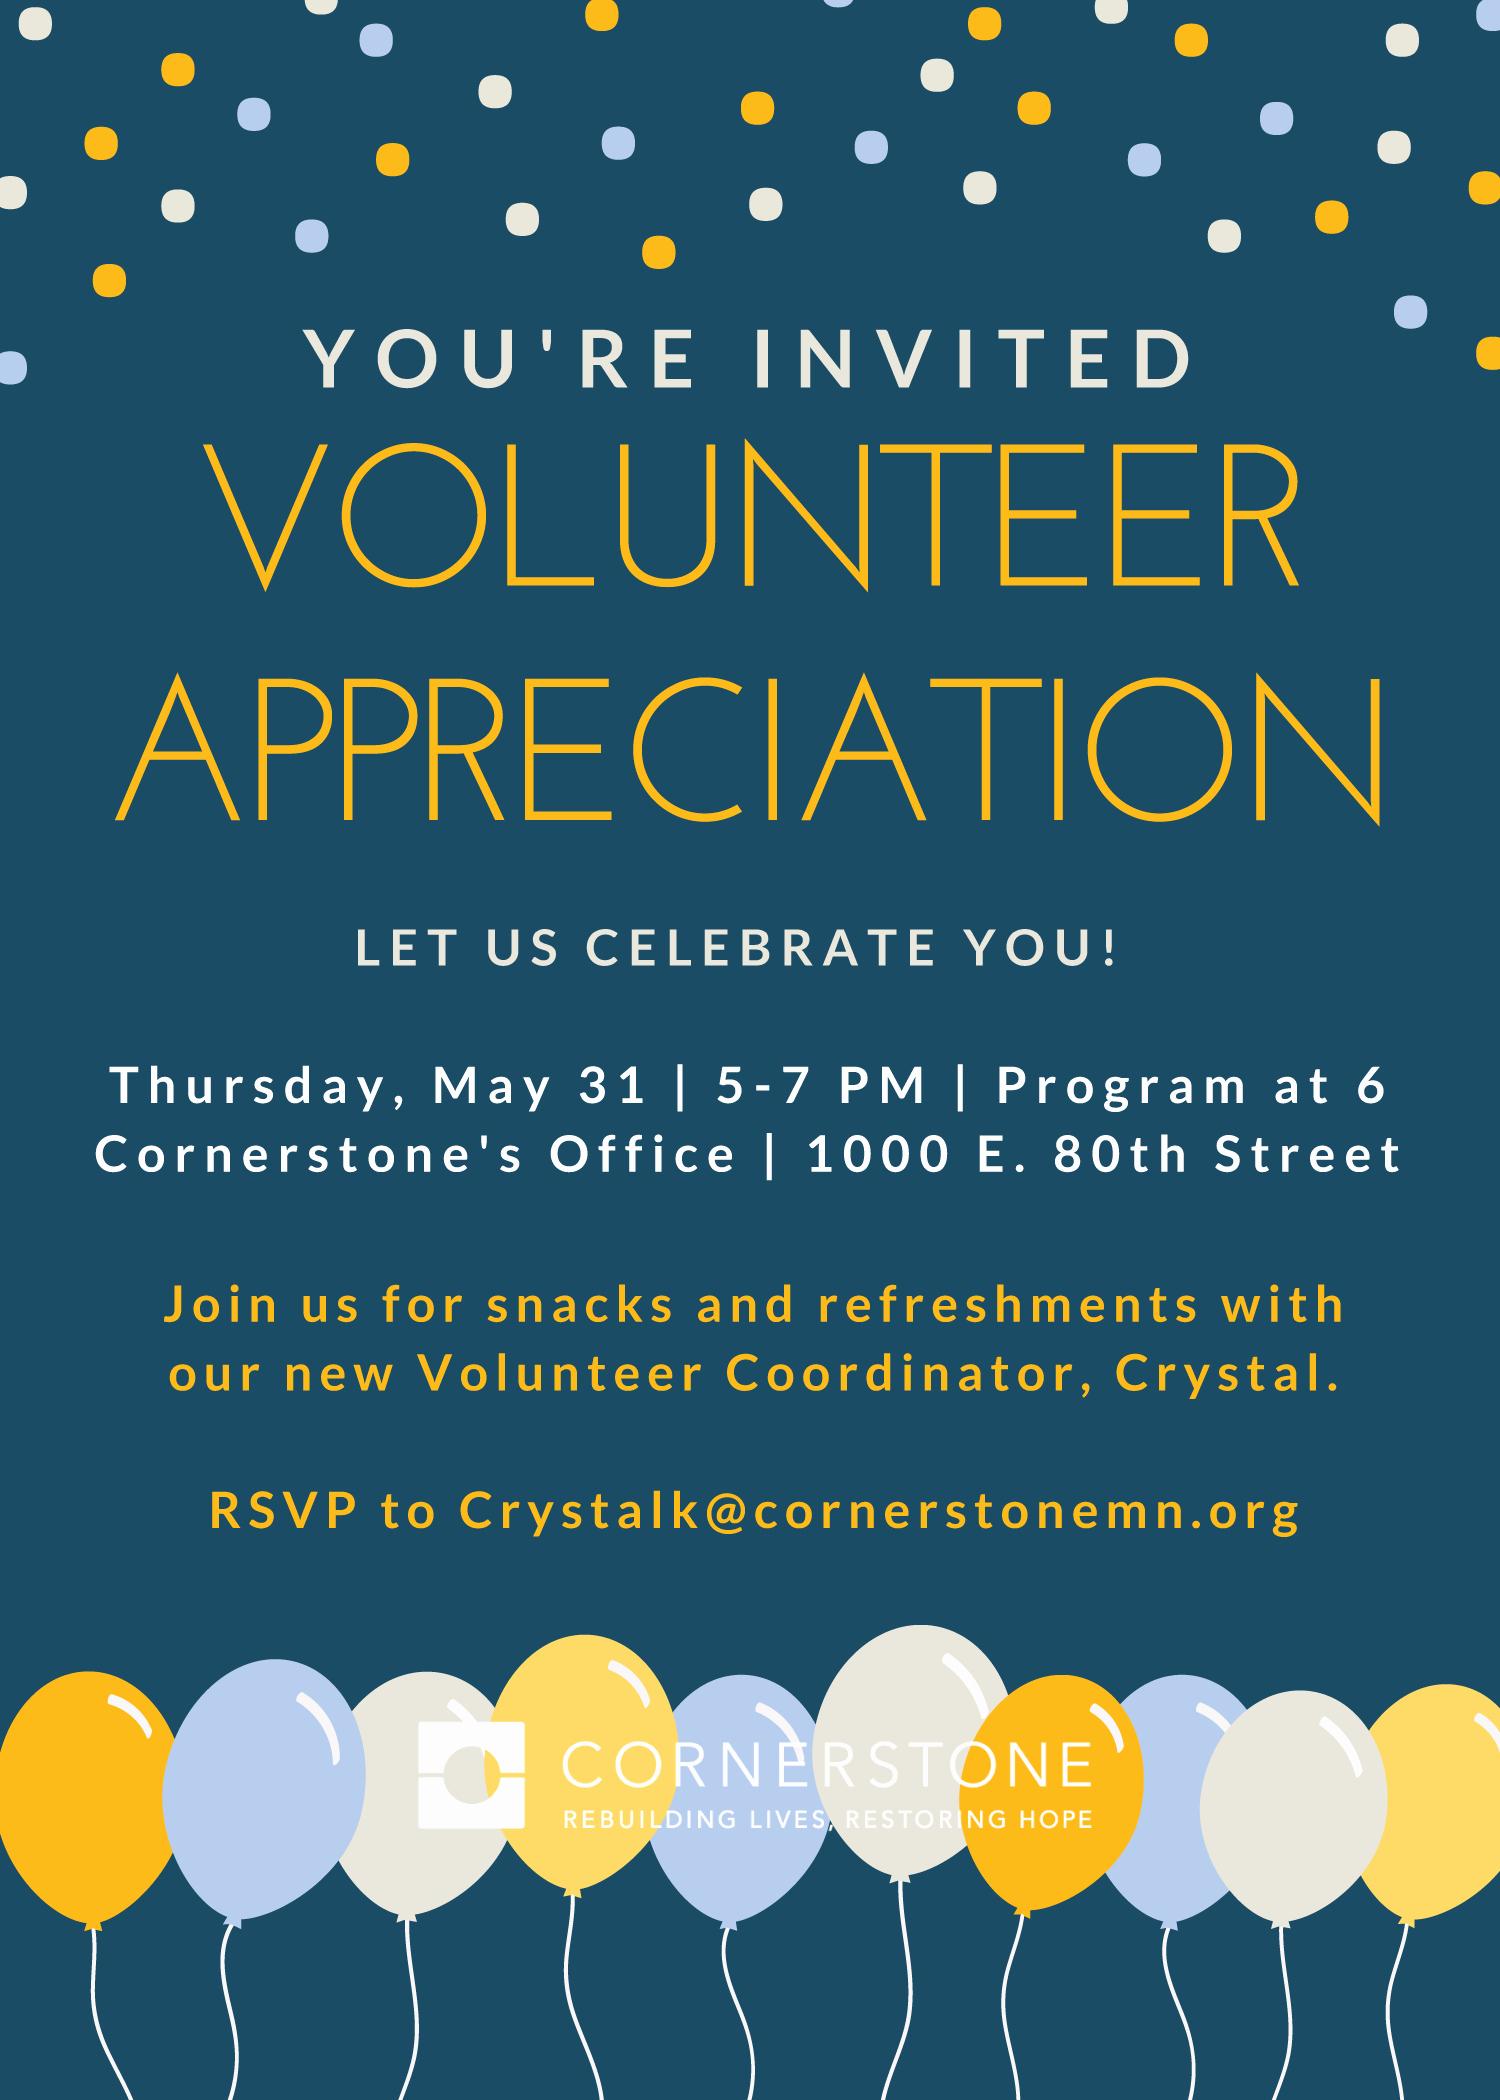 Volunteer Appreciation Invitation Wording Best Of 2018 Volunteer Appreciation